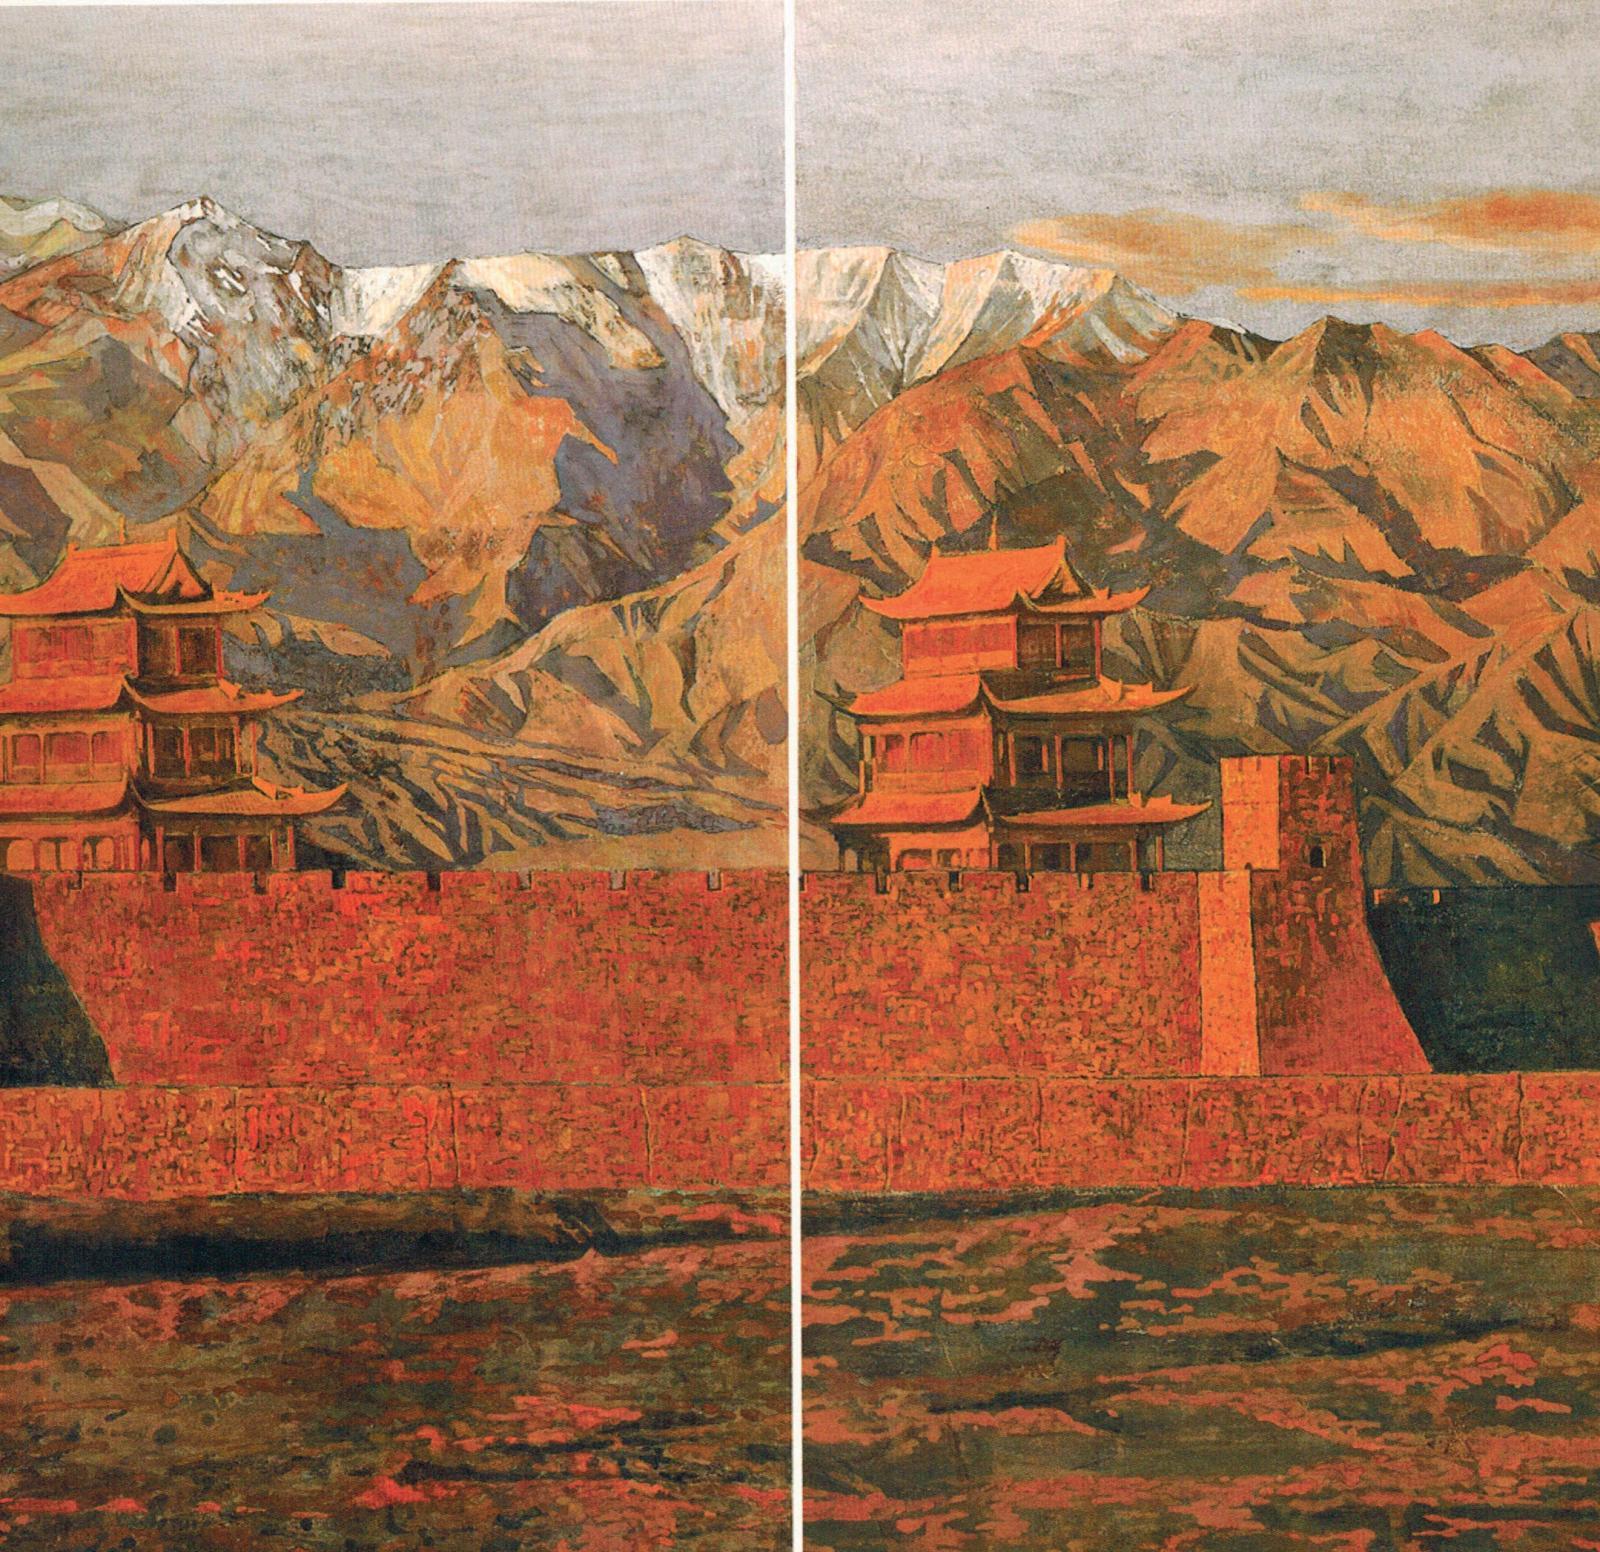 Li Lin, Passe de Yu Guan, 2010, peinture au pigment fin, détail d'un triptyque, 65x120cm. ©Li Lin